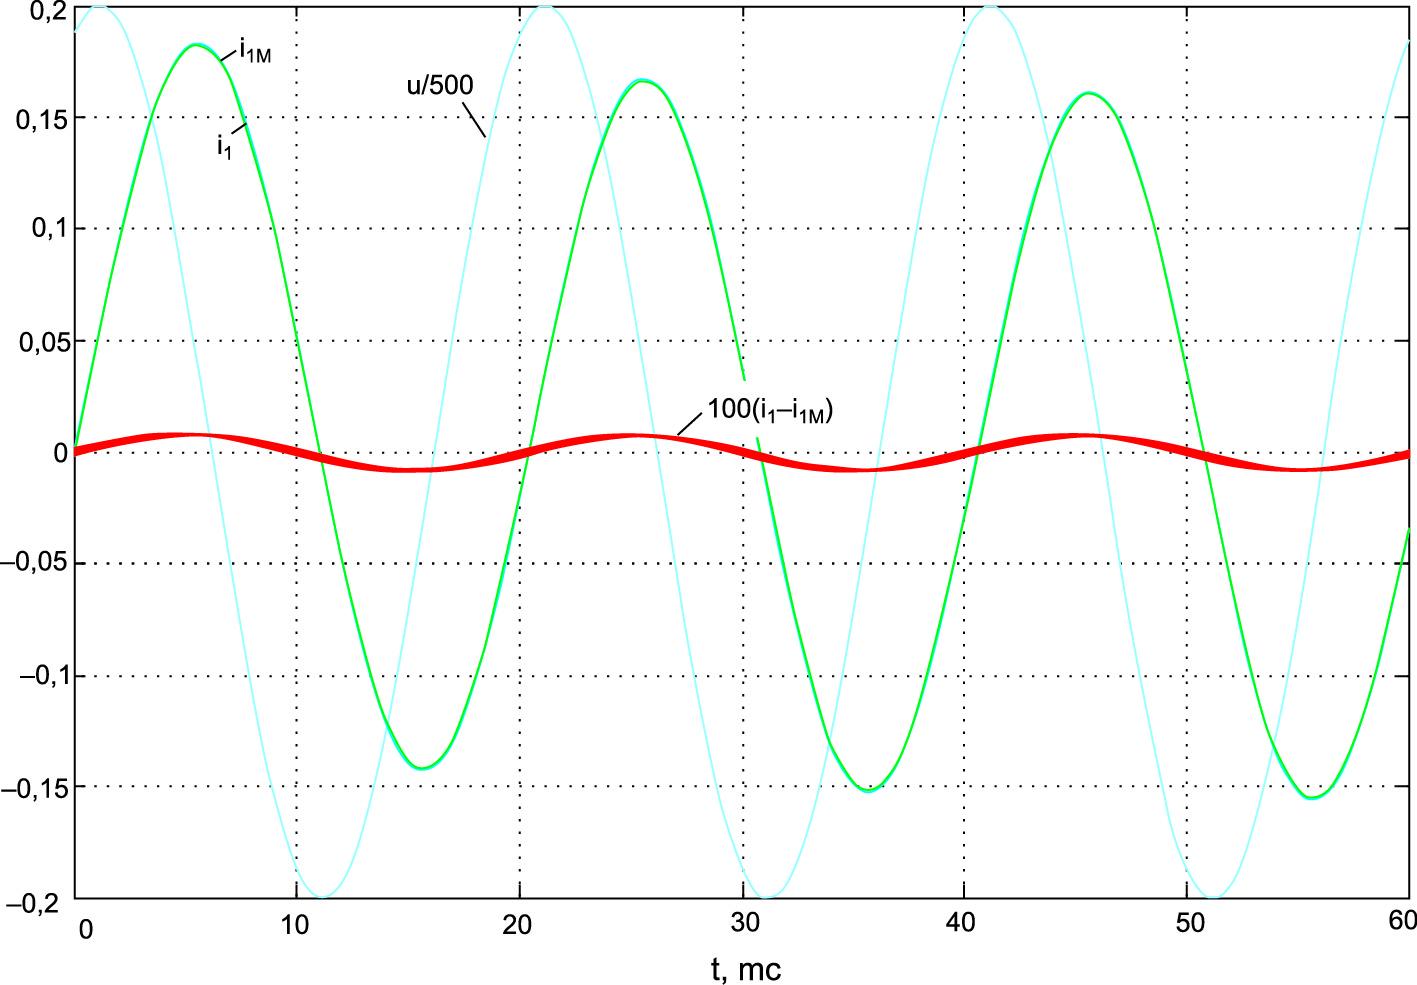 Переходный процесс при включении на синусоидальное напряжение модели реальной схемы — i1 и ее предельной непрерывной модели — i1 М